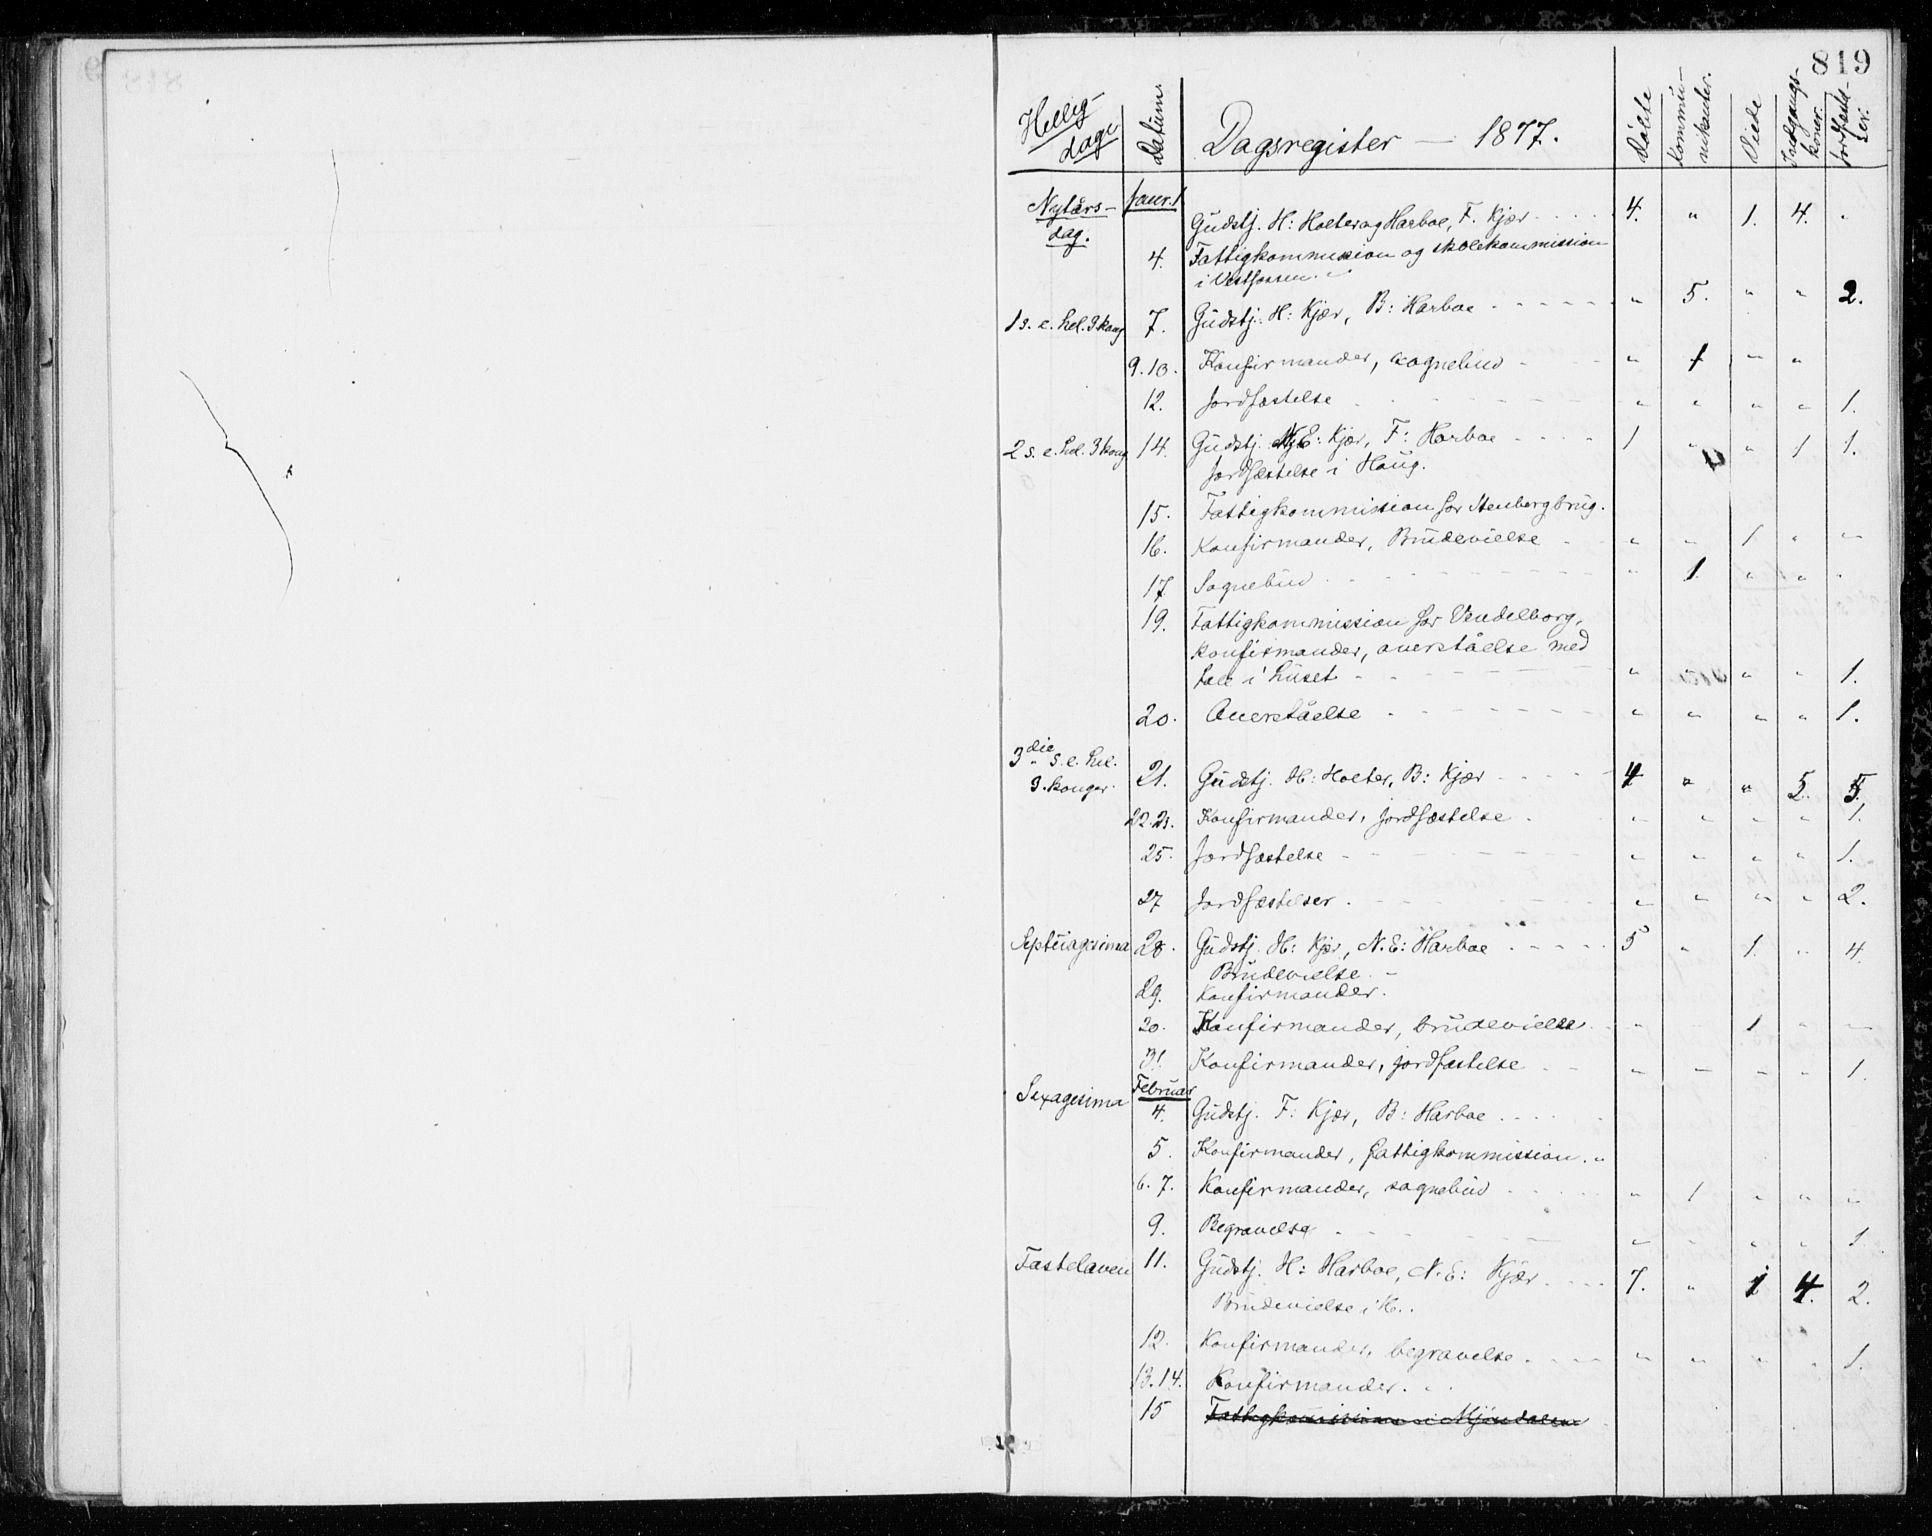 SAKO, Eiker kirkebøker, G/Ga/L0004: Klokkerbok nr. I 4, 1877-1877, s. 819